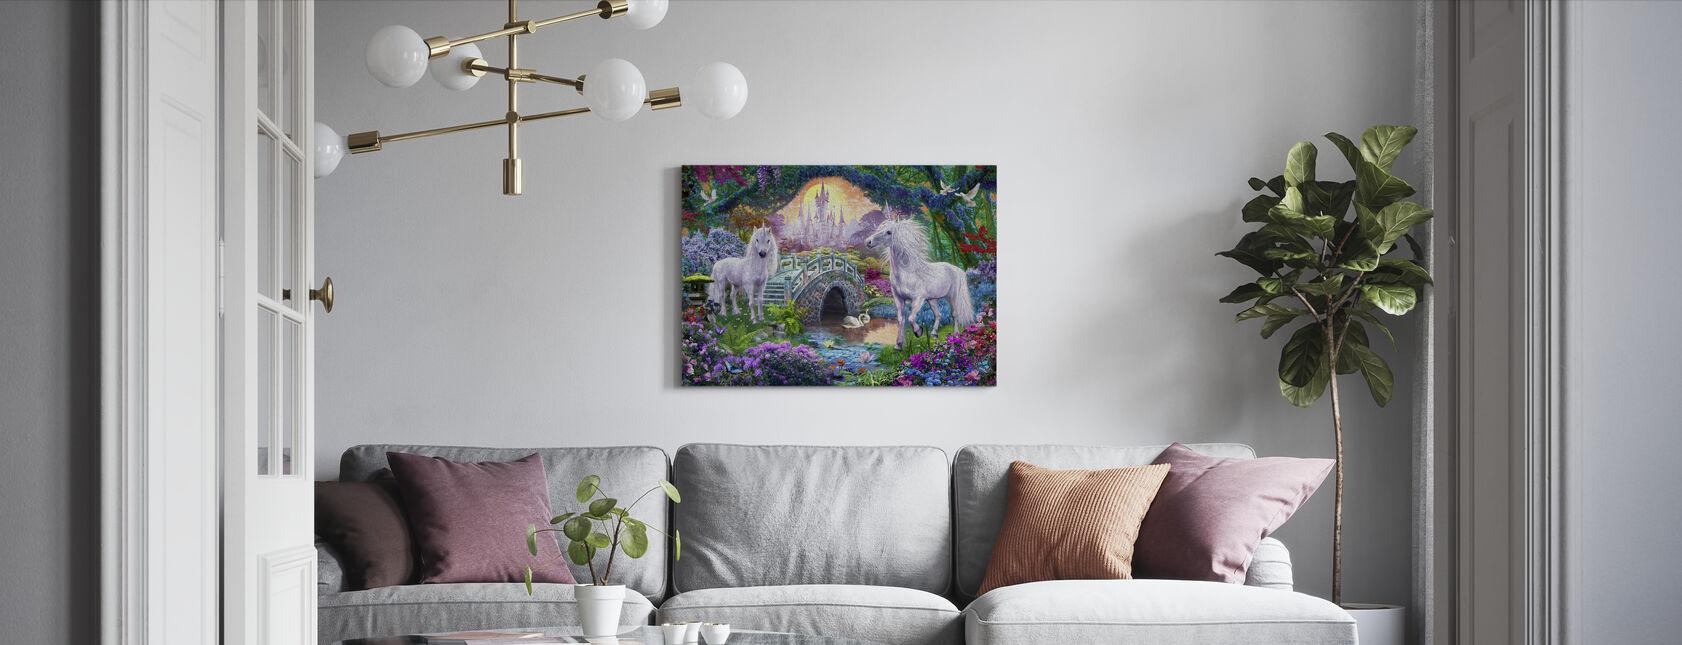 Magisches Einhorn-Königreich - Leinwandbild - Wohnzimmer